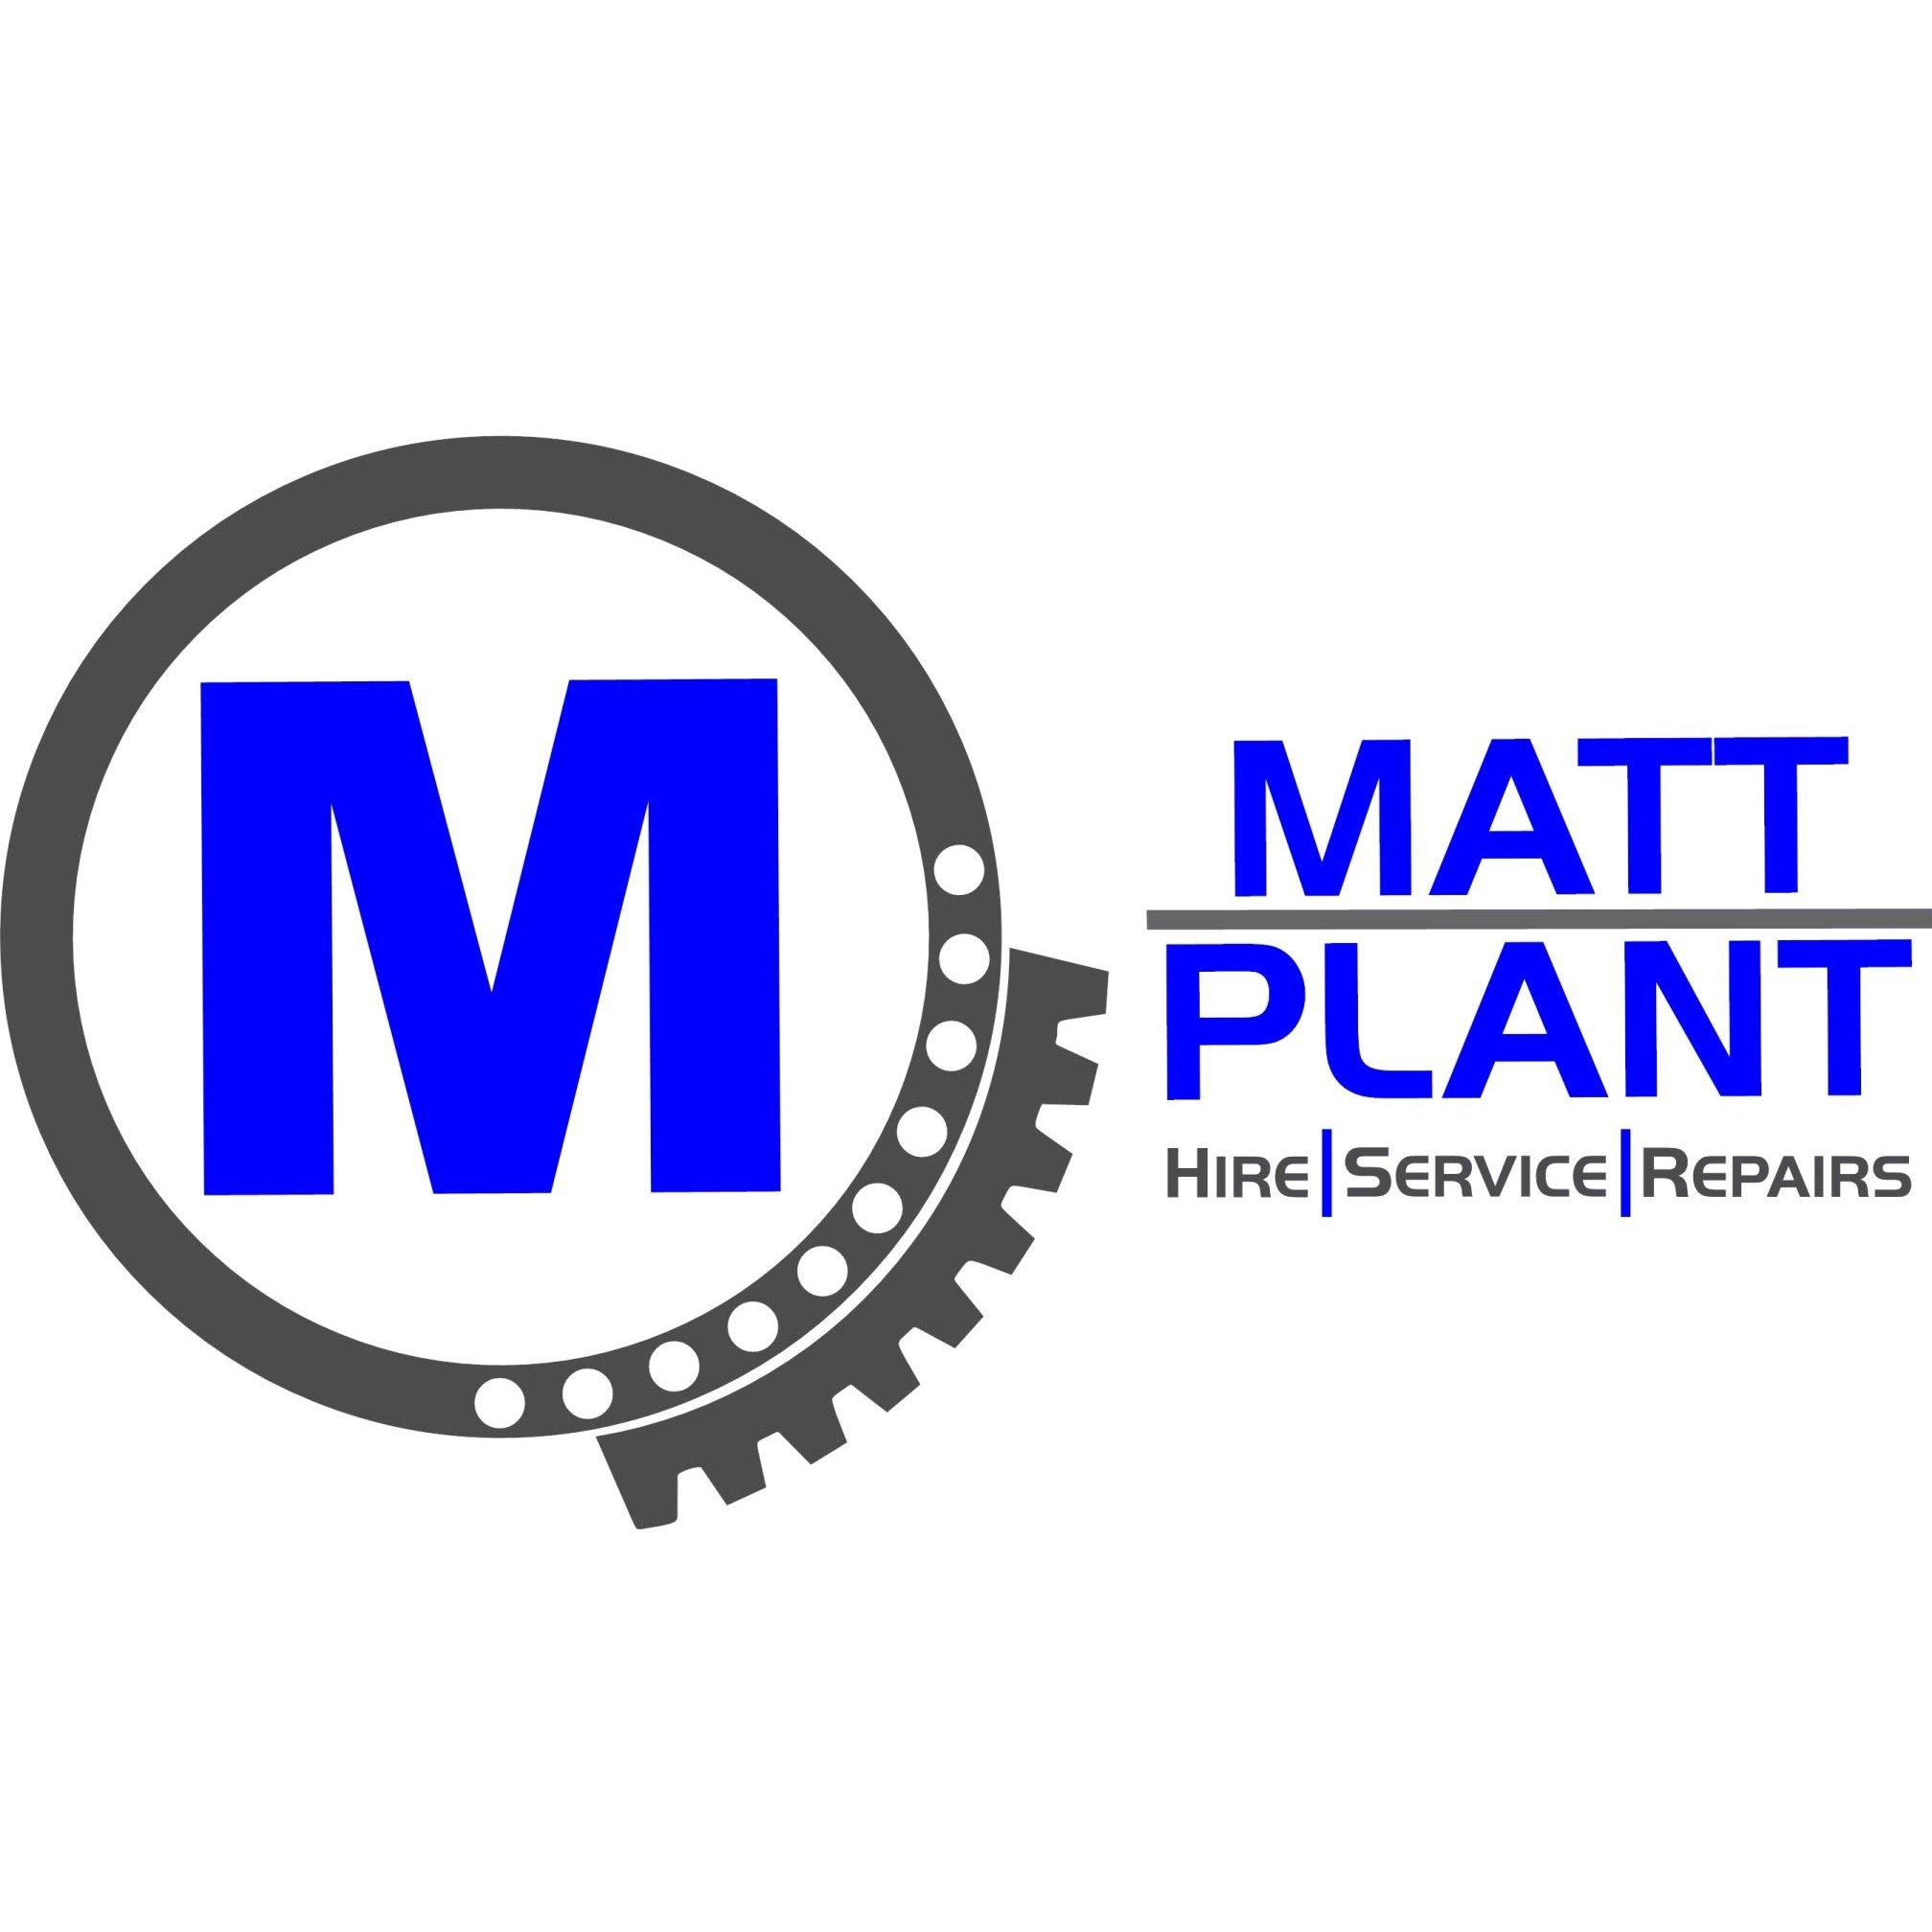 Matt Plant Marine